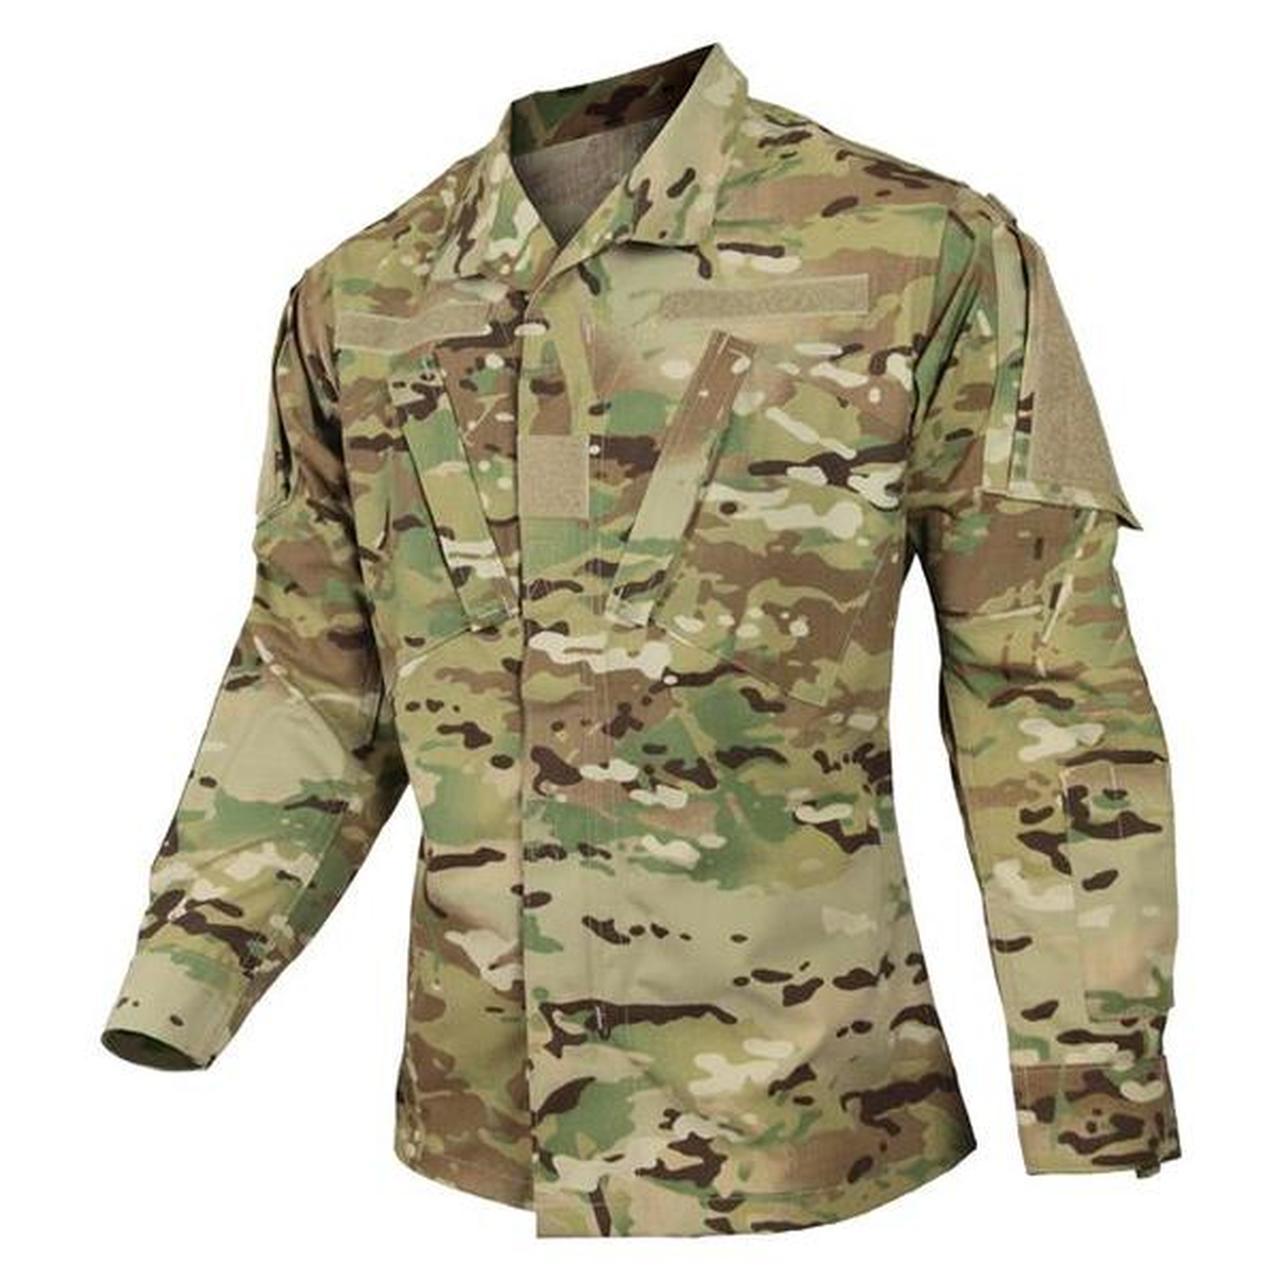 OCP Army Uniform